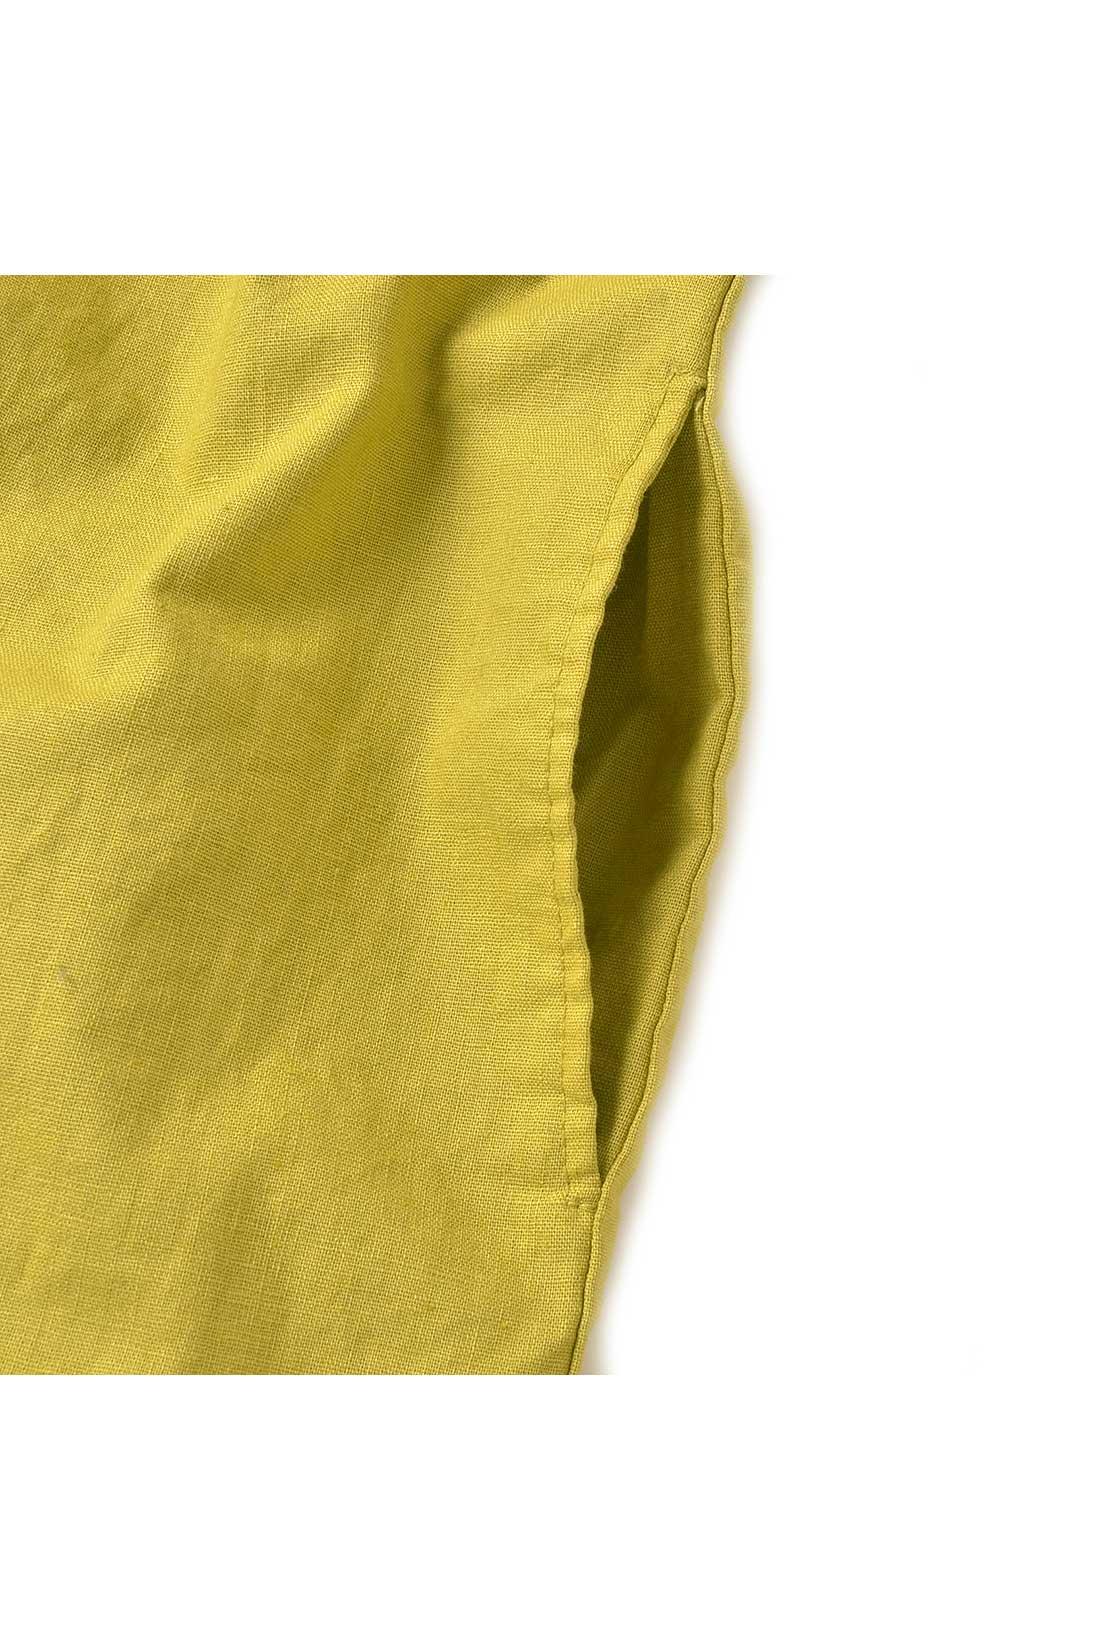 ポケット付きのデザインです。